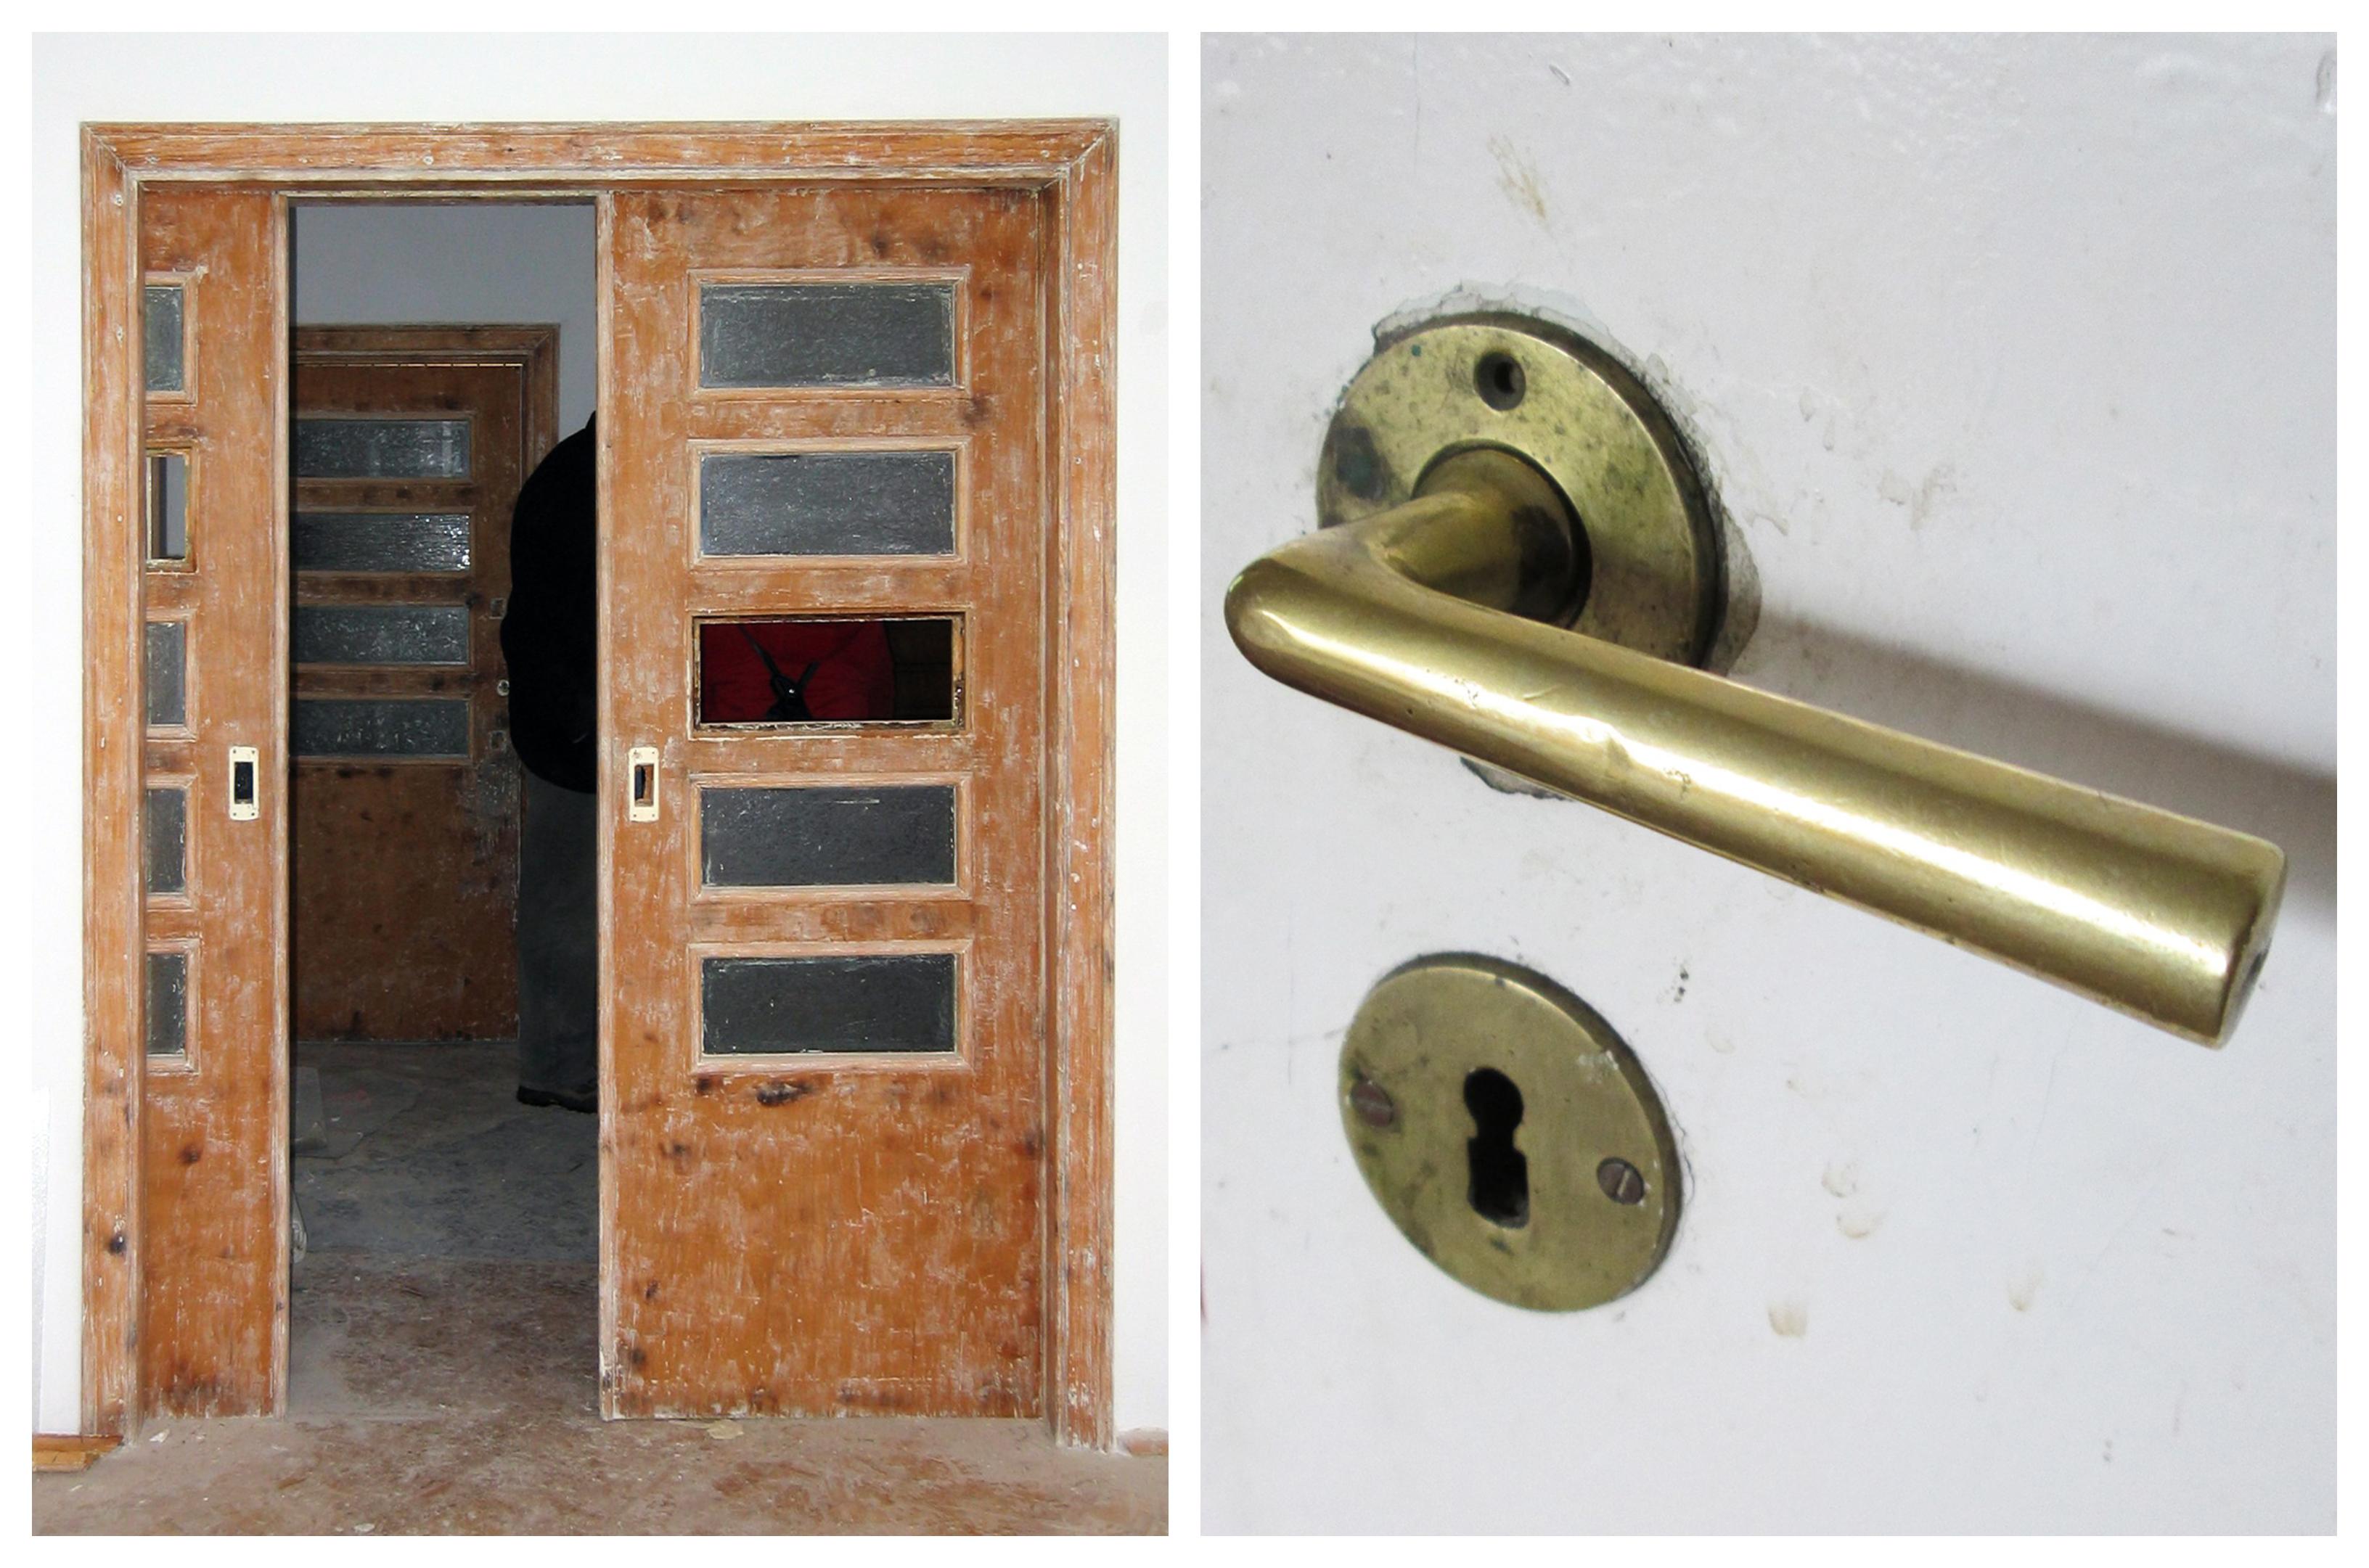 Przesuwne drzwi pomiędzy pokojami w willi w Orłowie, w trakcie prac restauratorskich; Modernistyczna mosiężna klamka z drzwi wewnętrznych, lata 30. XX w.